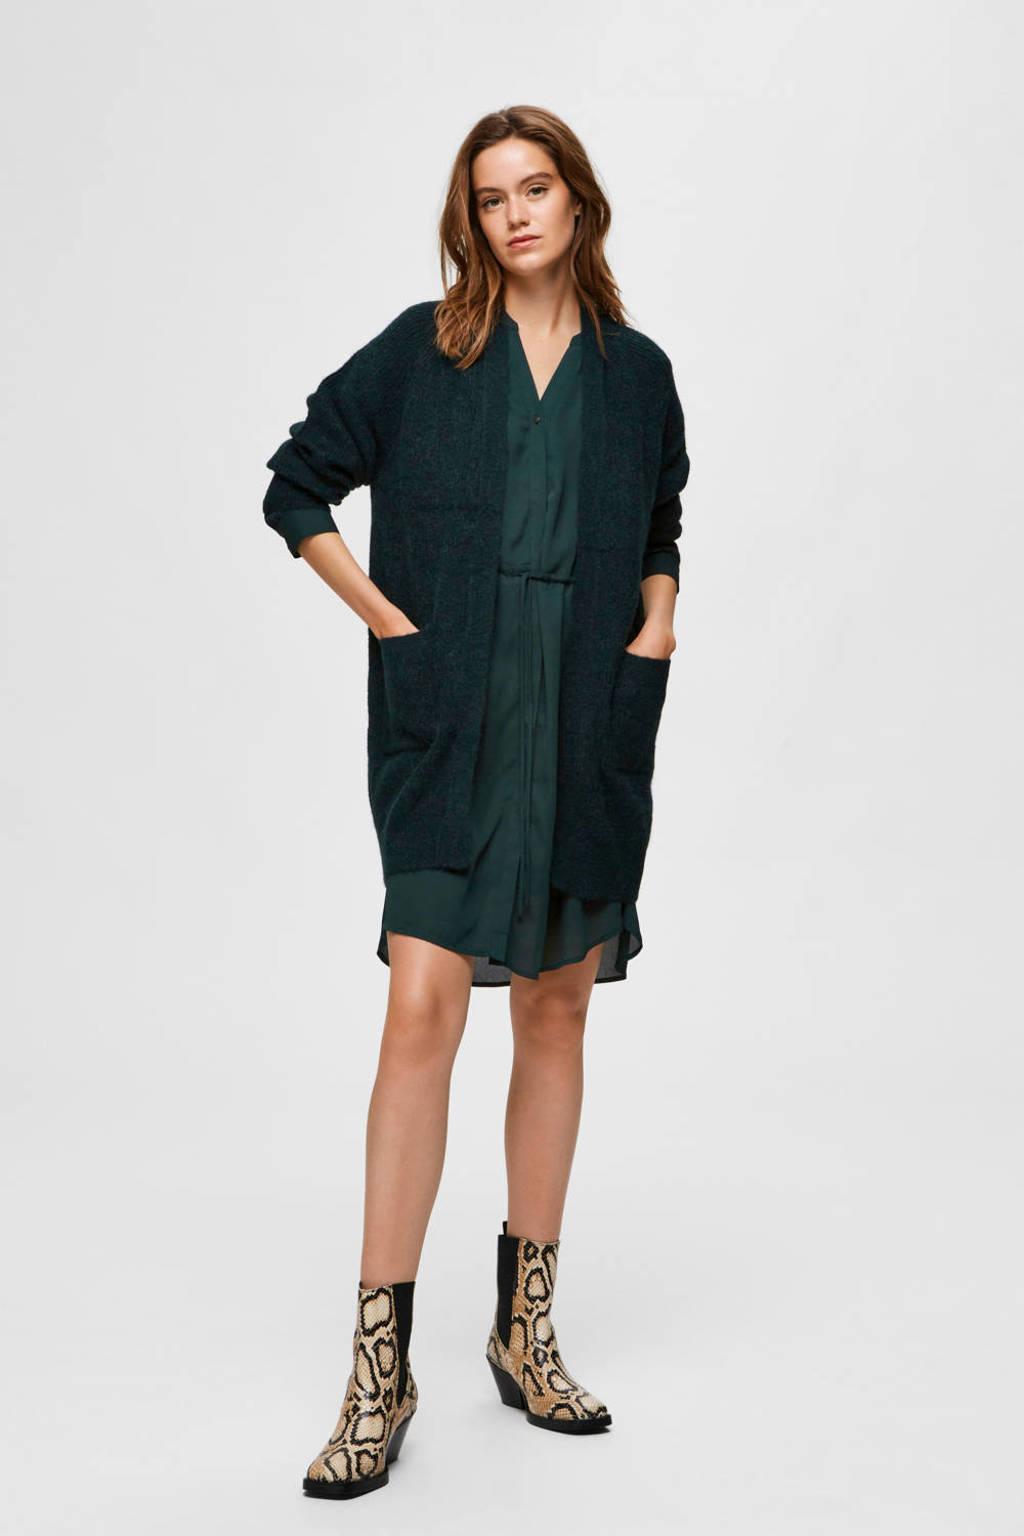 SELECTED FEMME vest met wol groen, Groen